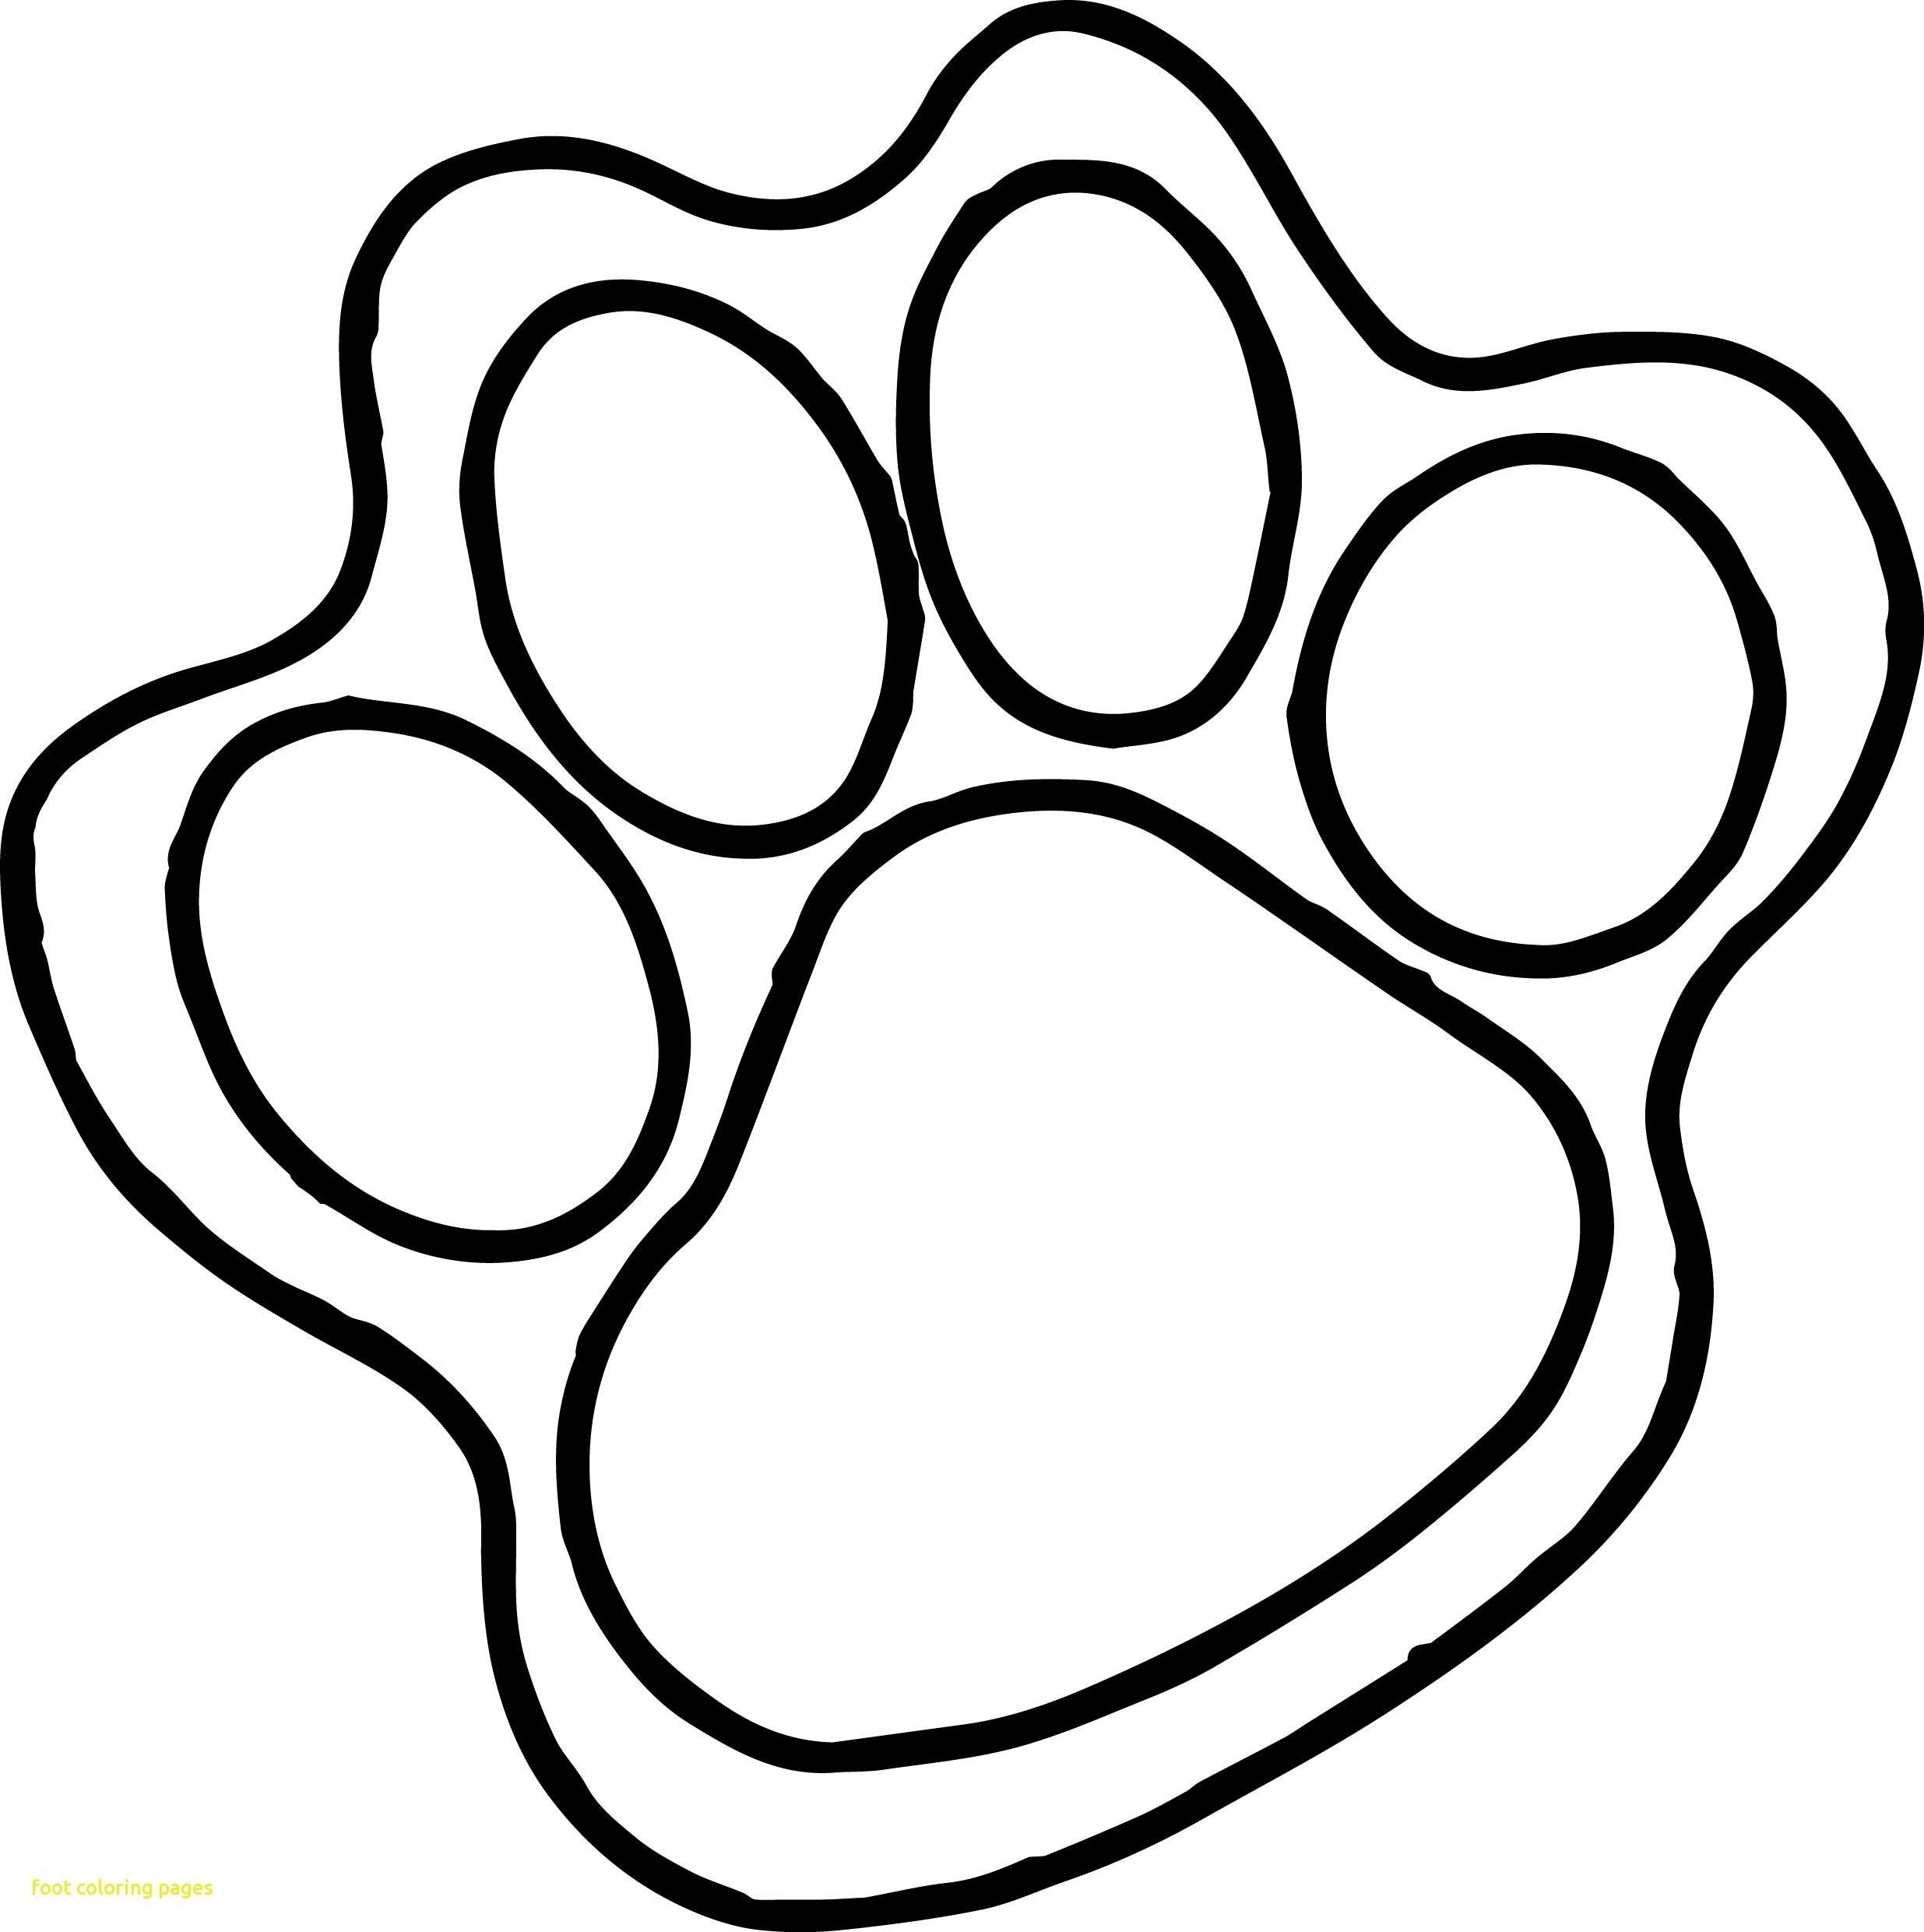 2471x2481 Bear Paw Print Drawing At Getdrawings